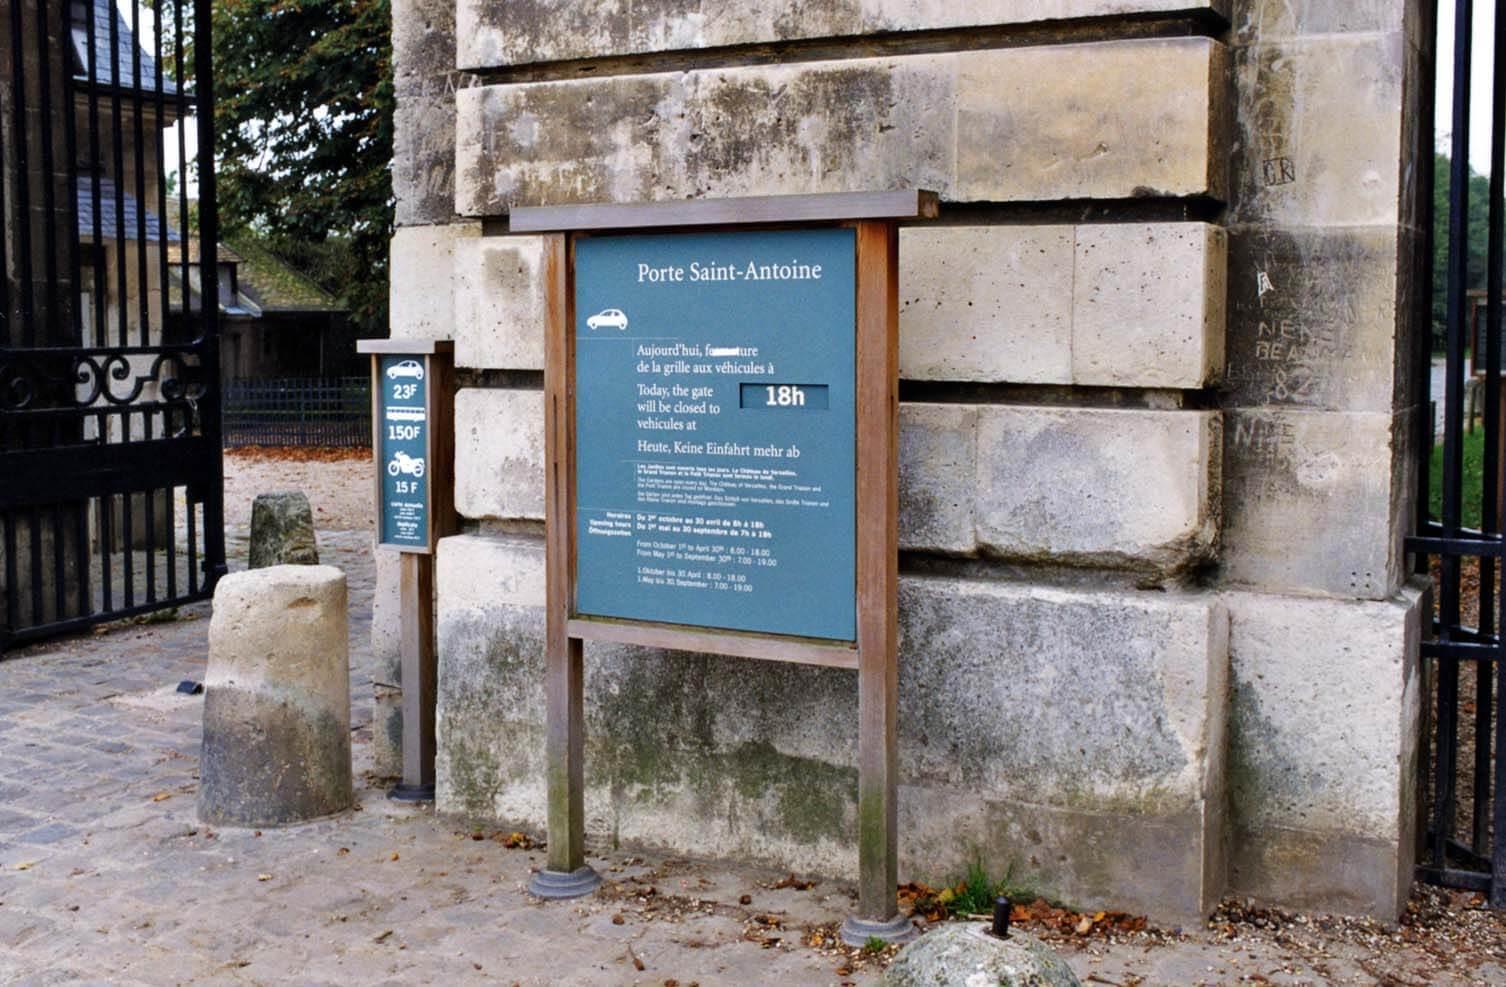 Image Château de Versailles 16